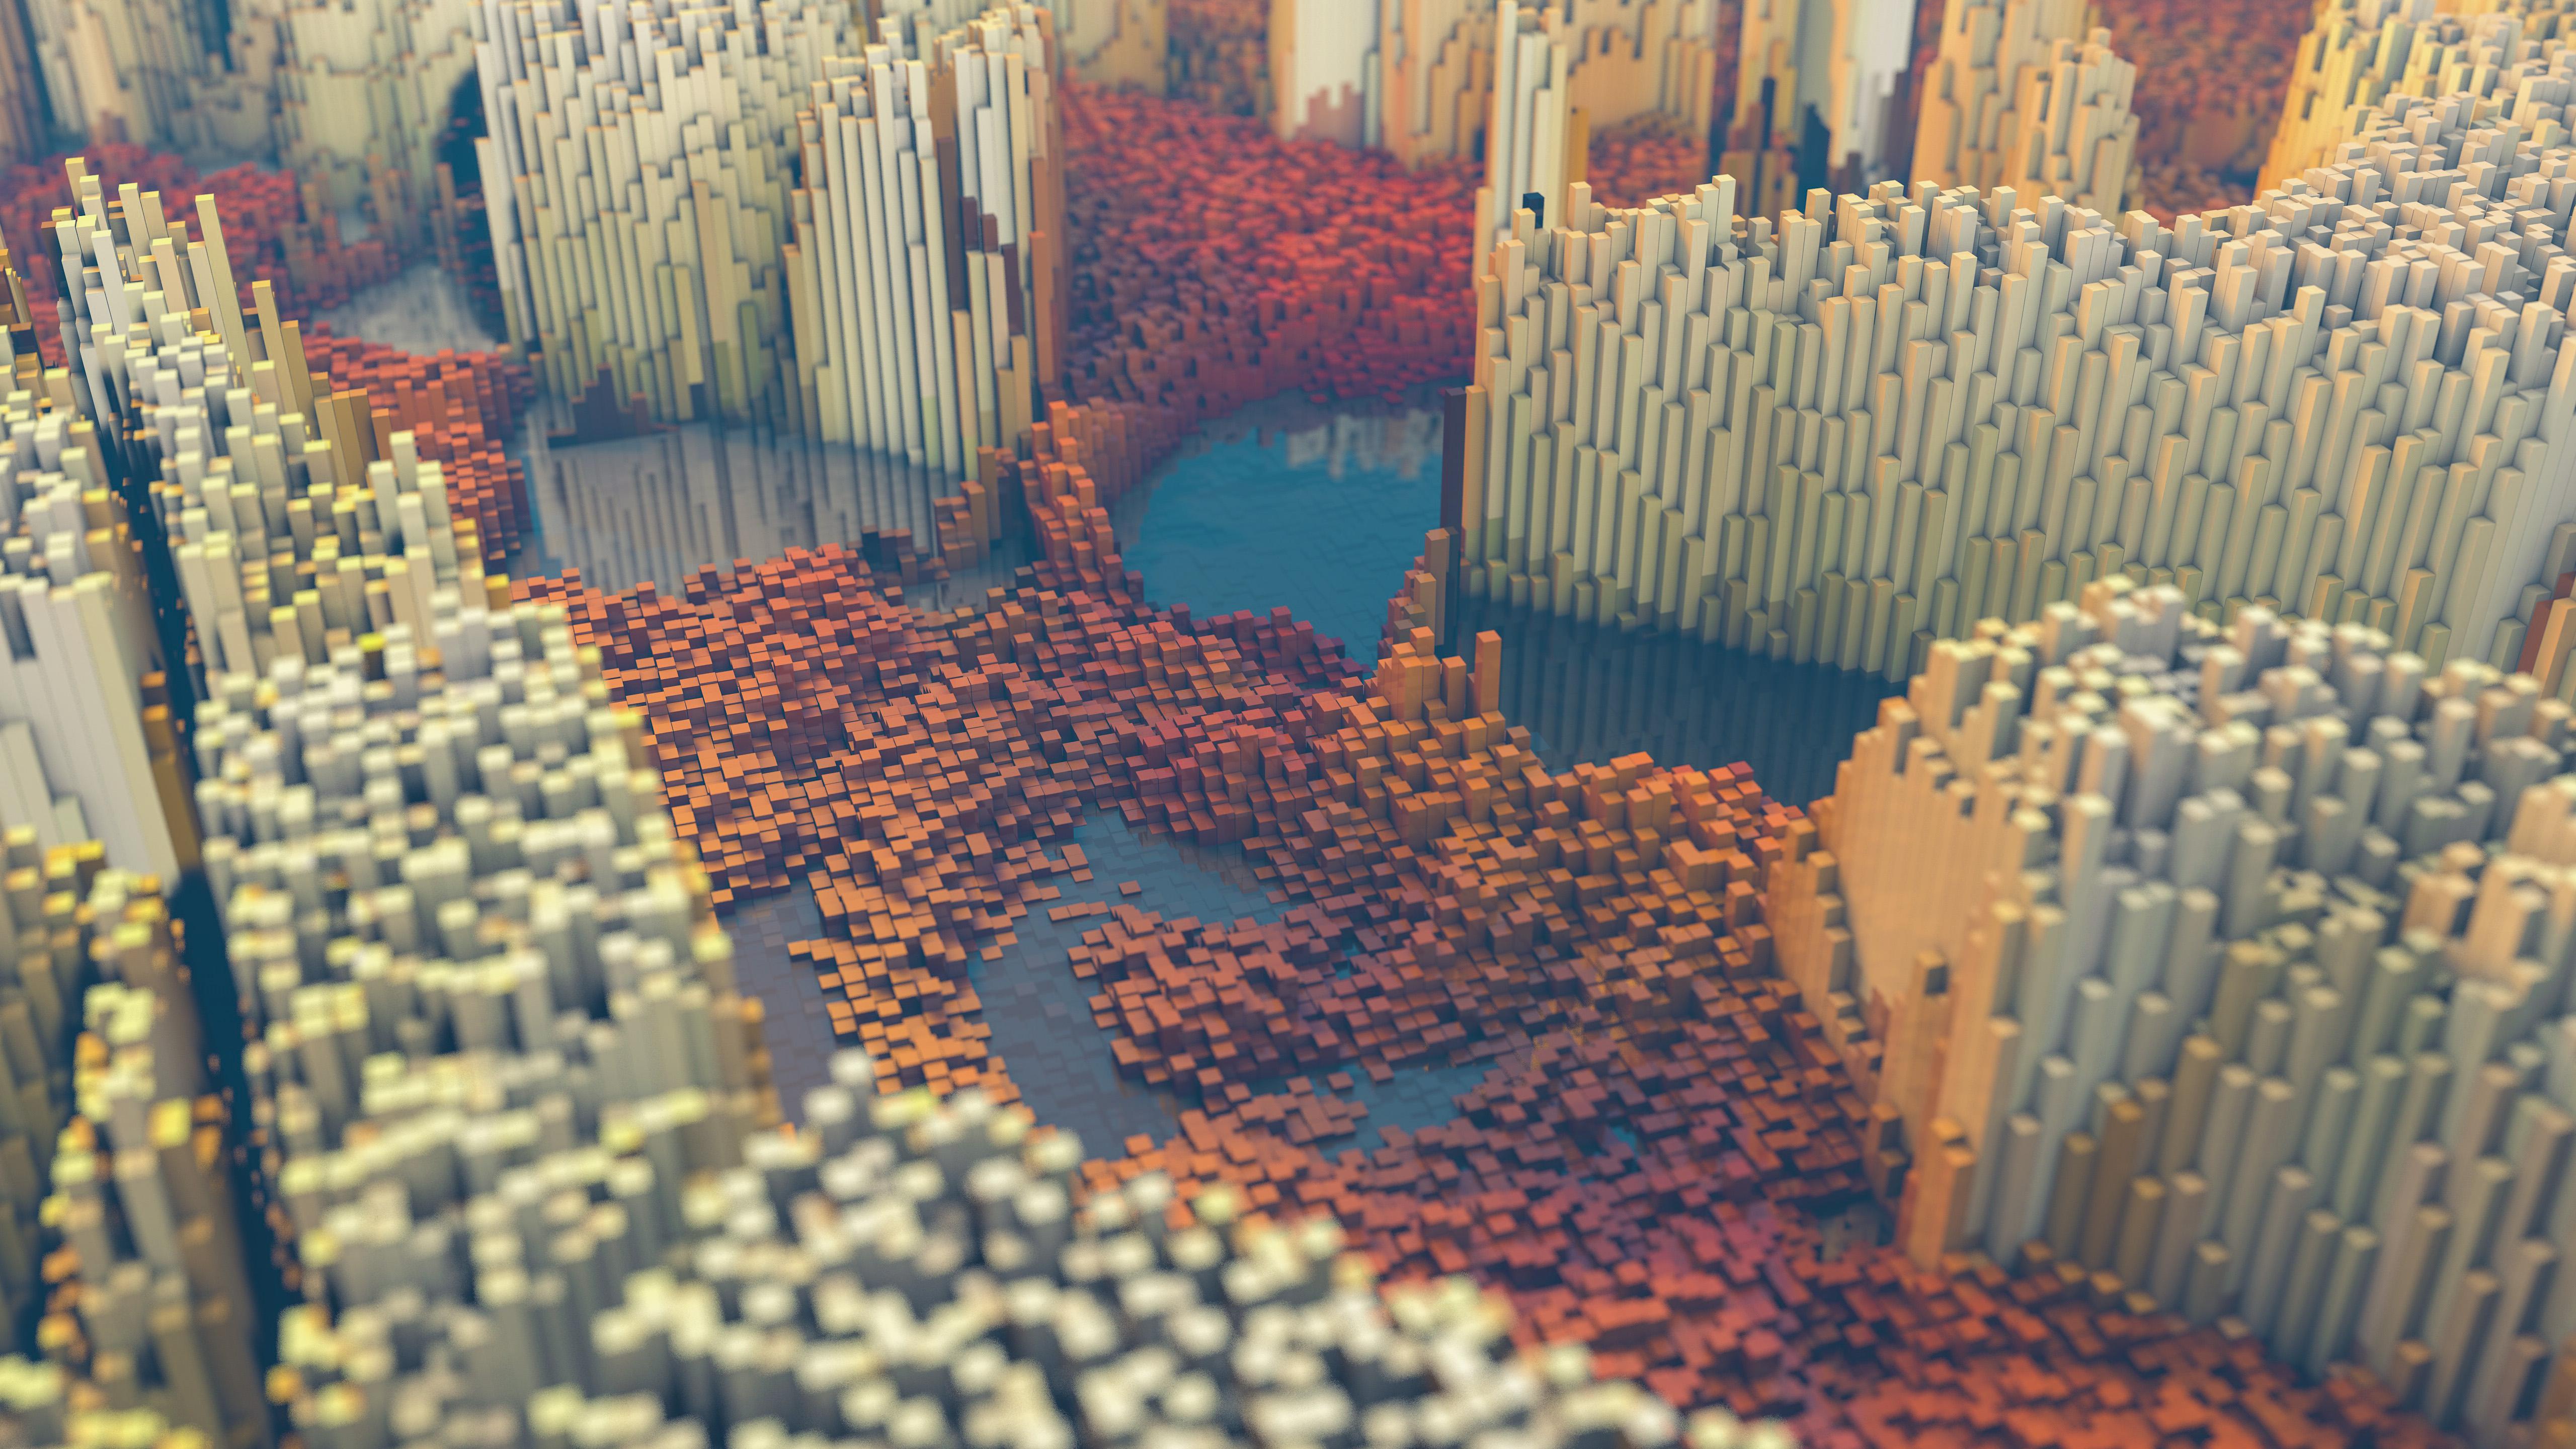 Pins Rendering by alexkaessner